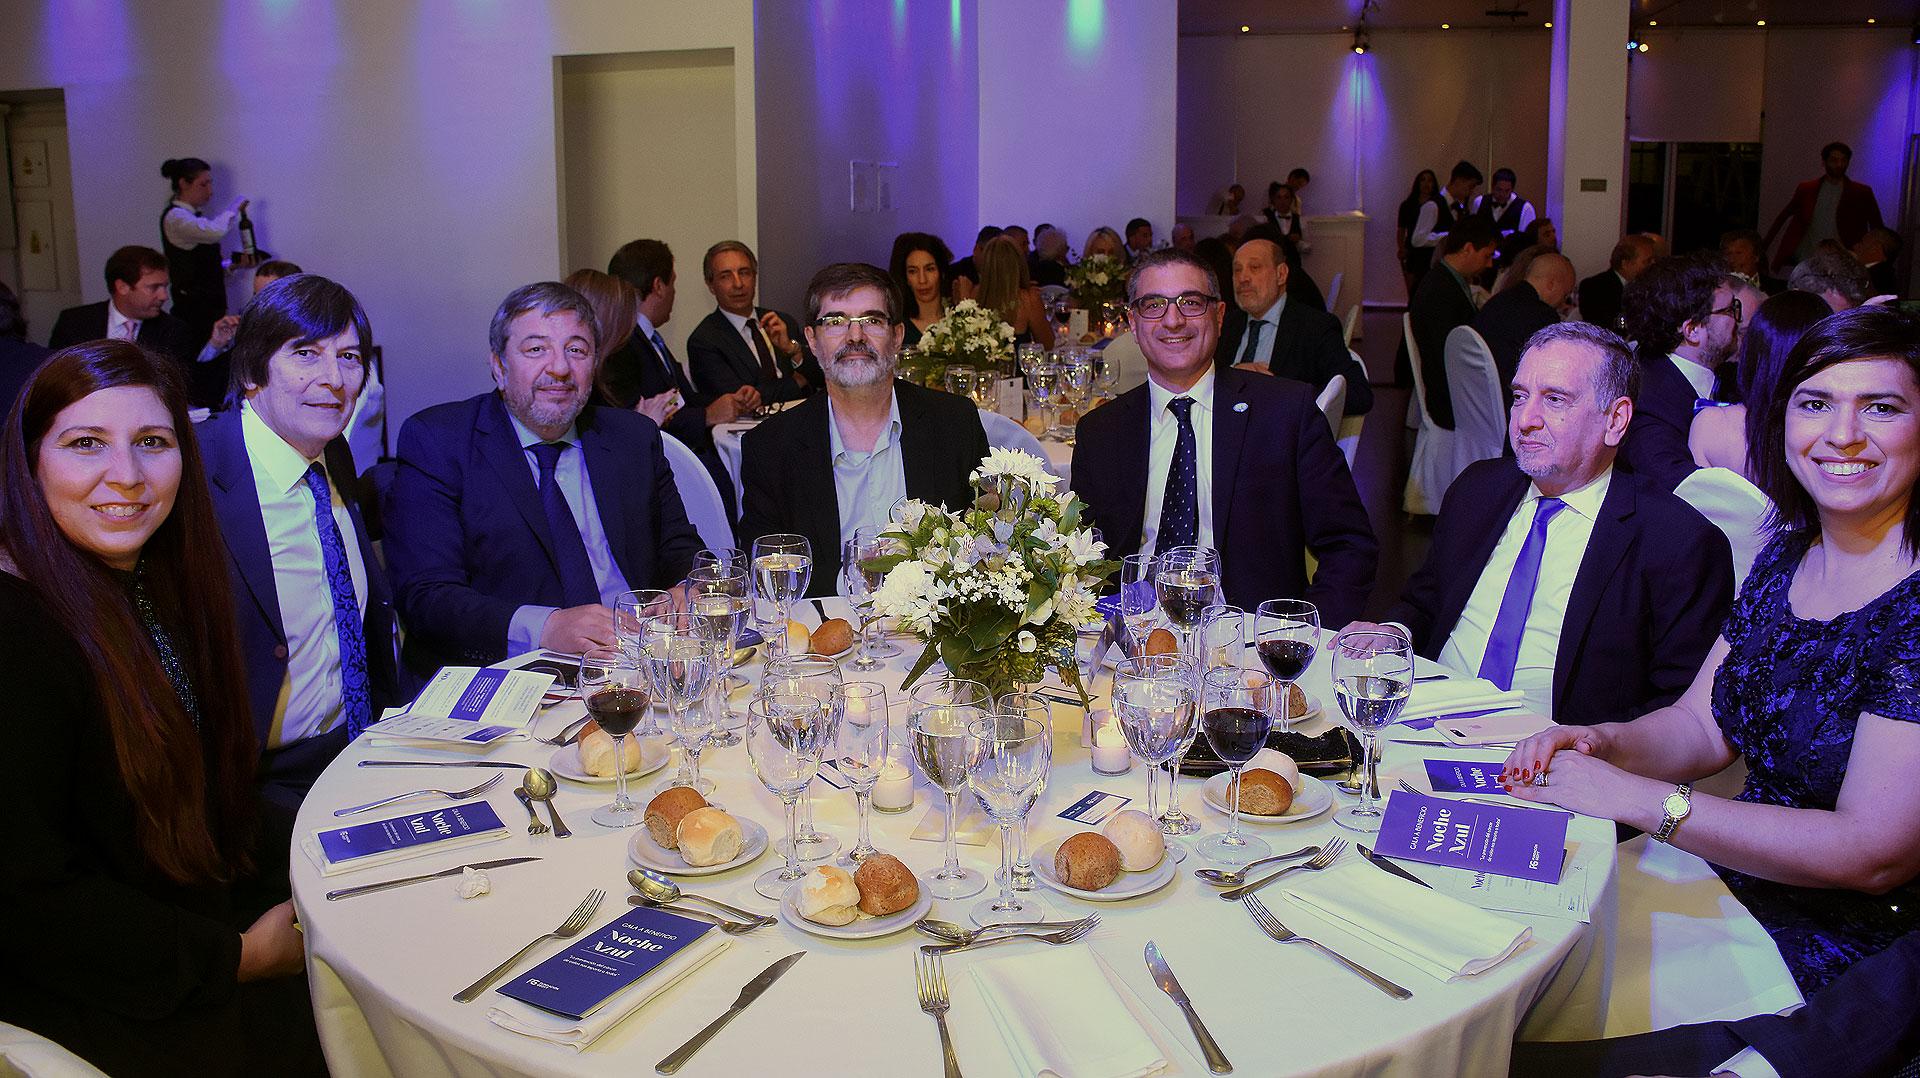 El Dr. Luis Caro recibió al secretario de Ciencia y Tecnología, Lino Barañao, en la mesa principal